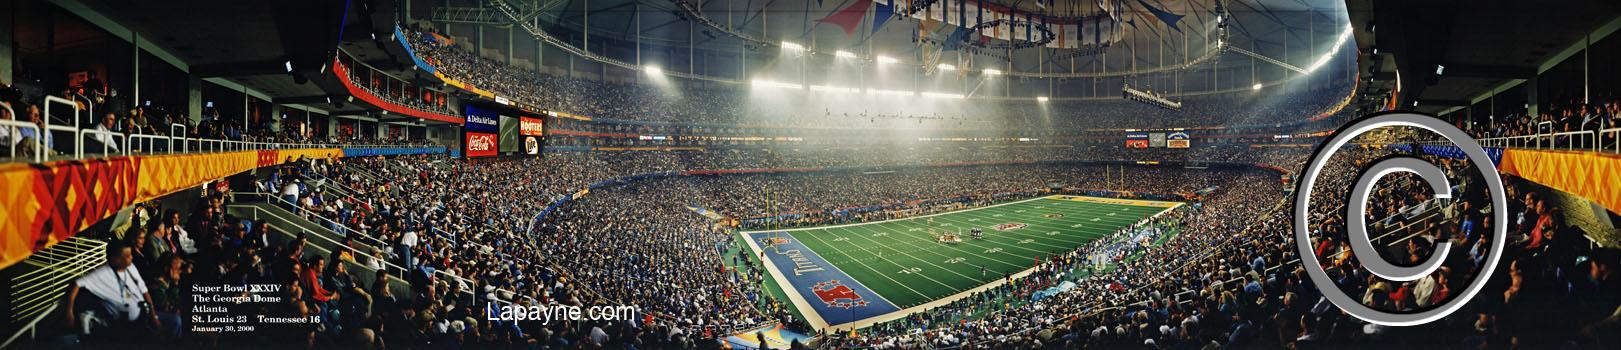 Super Bowl 34 Xxxiv 2000 Panorama Images Lapayne